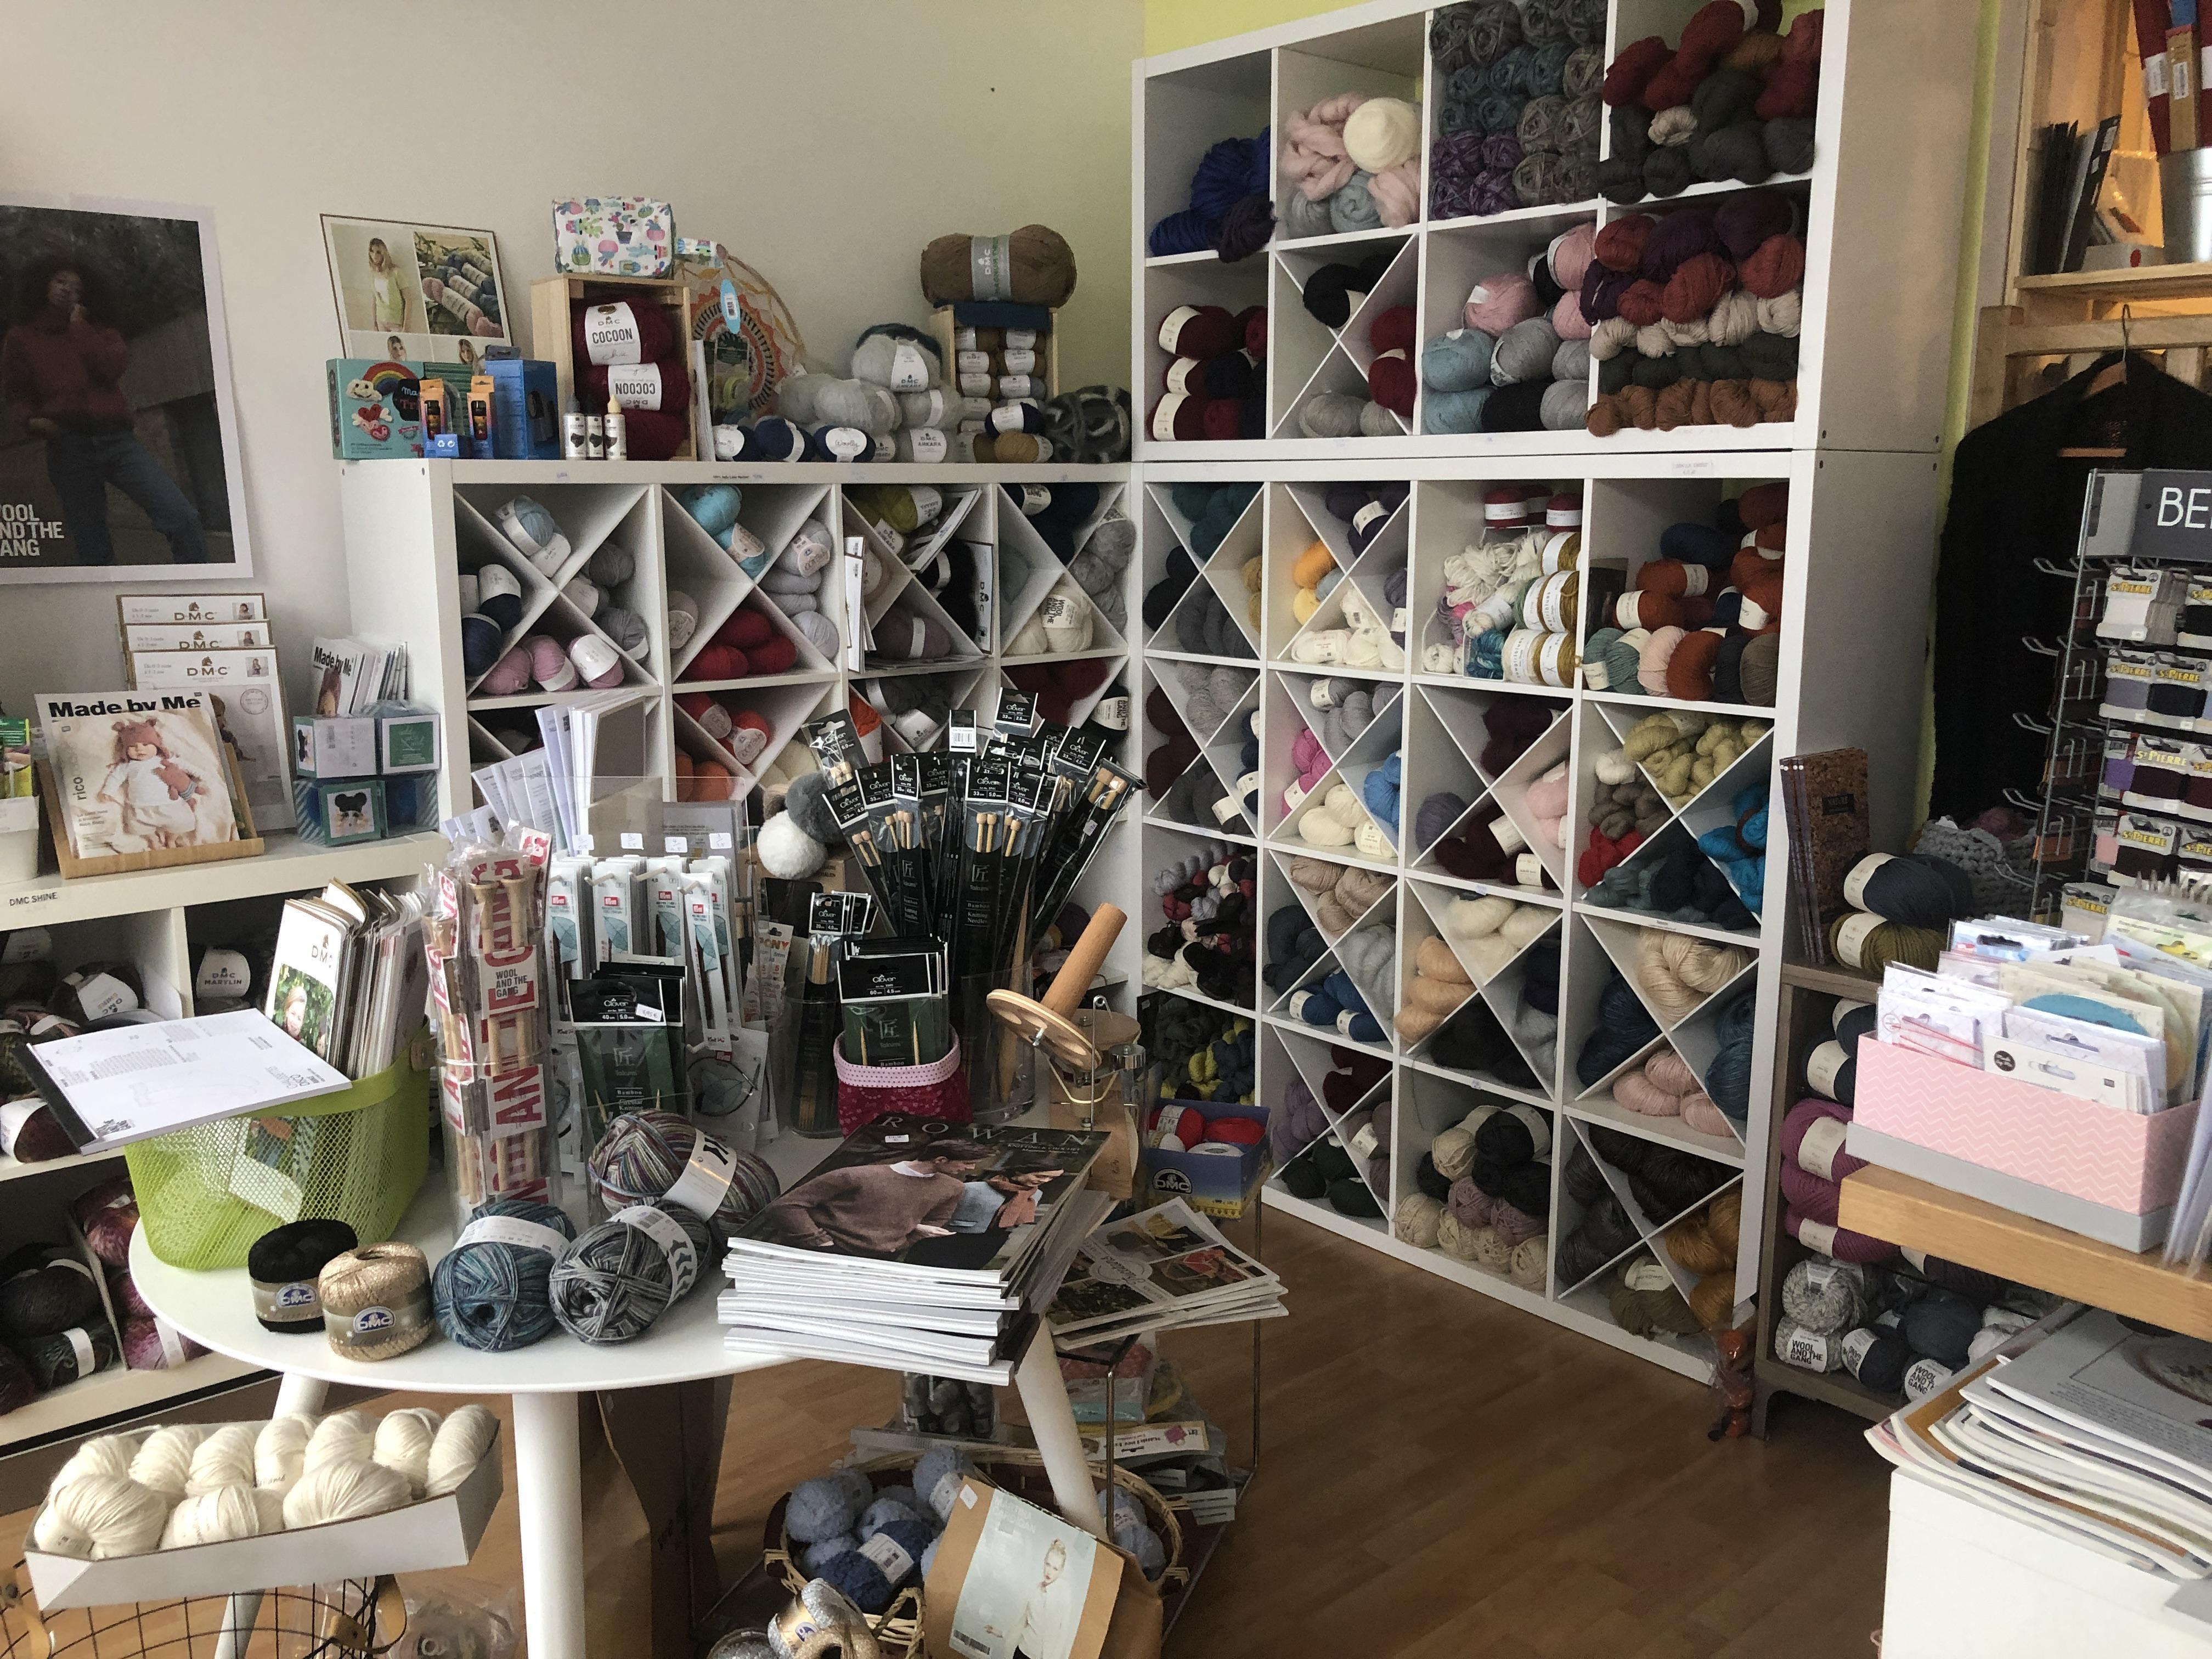 Chambéry : un café créatif pour fabriquer soi-même ses cadeaux, ses sacs ou ses vêtements